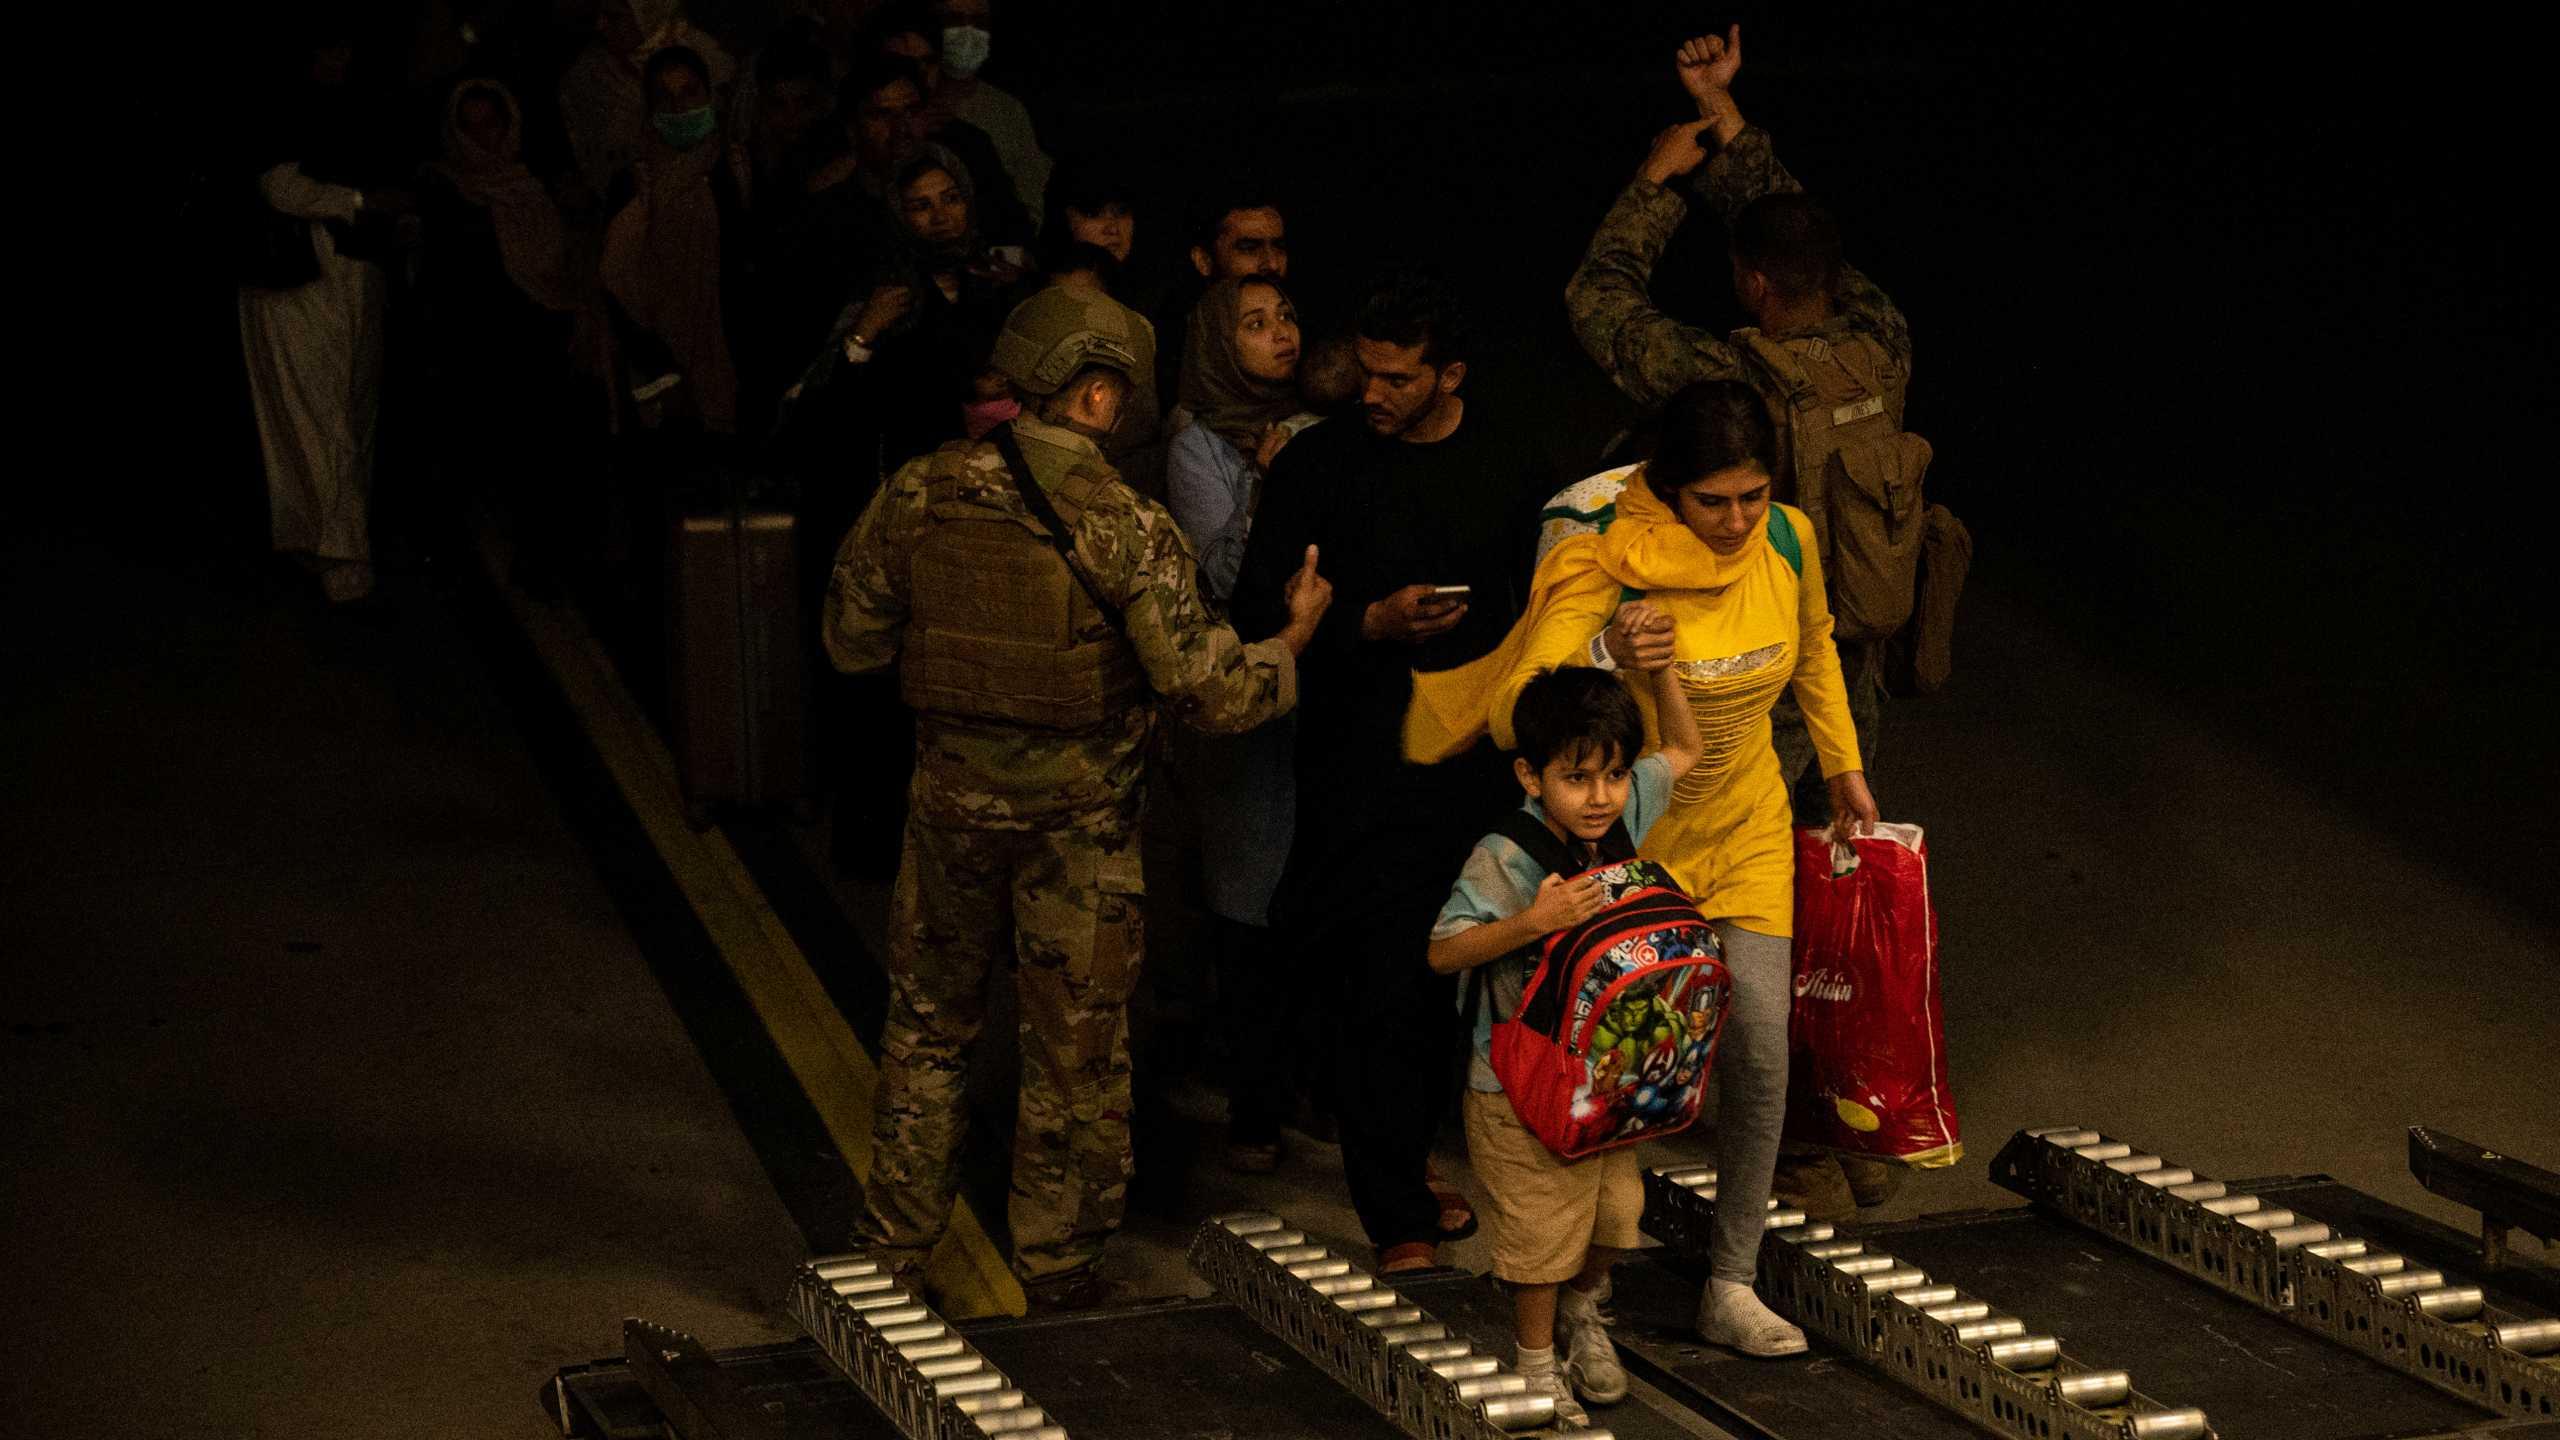 Αφγανιστάν: Ελικόπτερα παρέλαβαν 169 Αμερικανούς από ξενοδοχείο της Καμπούλ – Οι Ταλιμπάν ανακοινώνουν νέο κυβερνητικό πλαίσιο